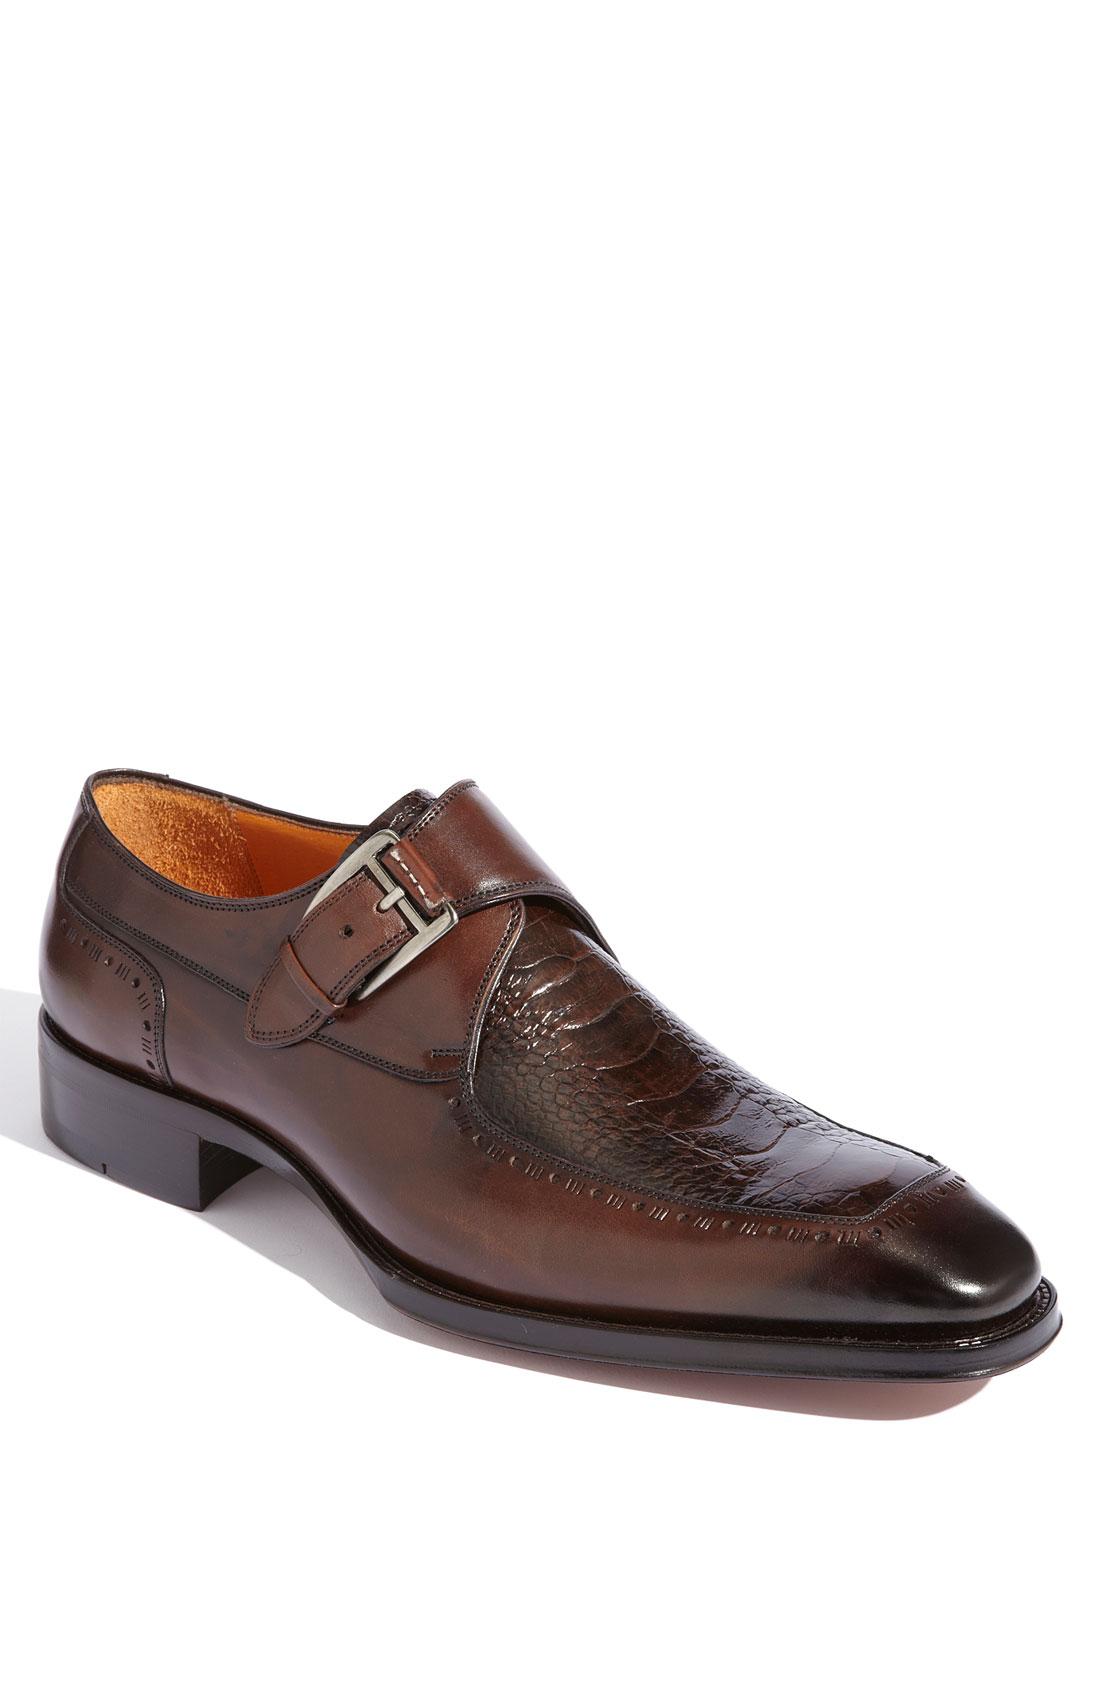 Mens Riser Shoes